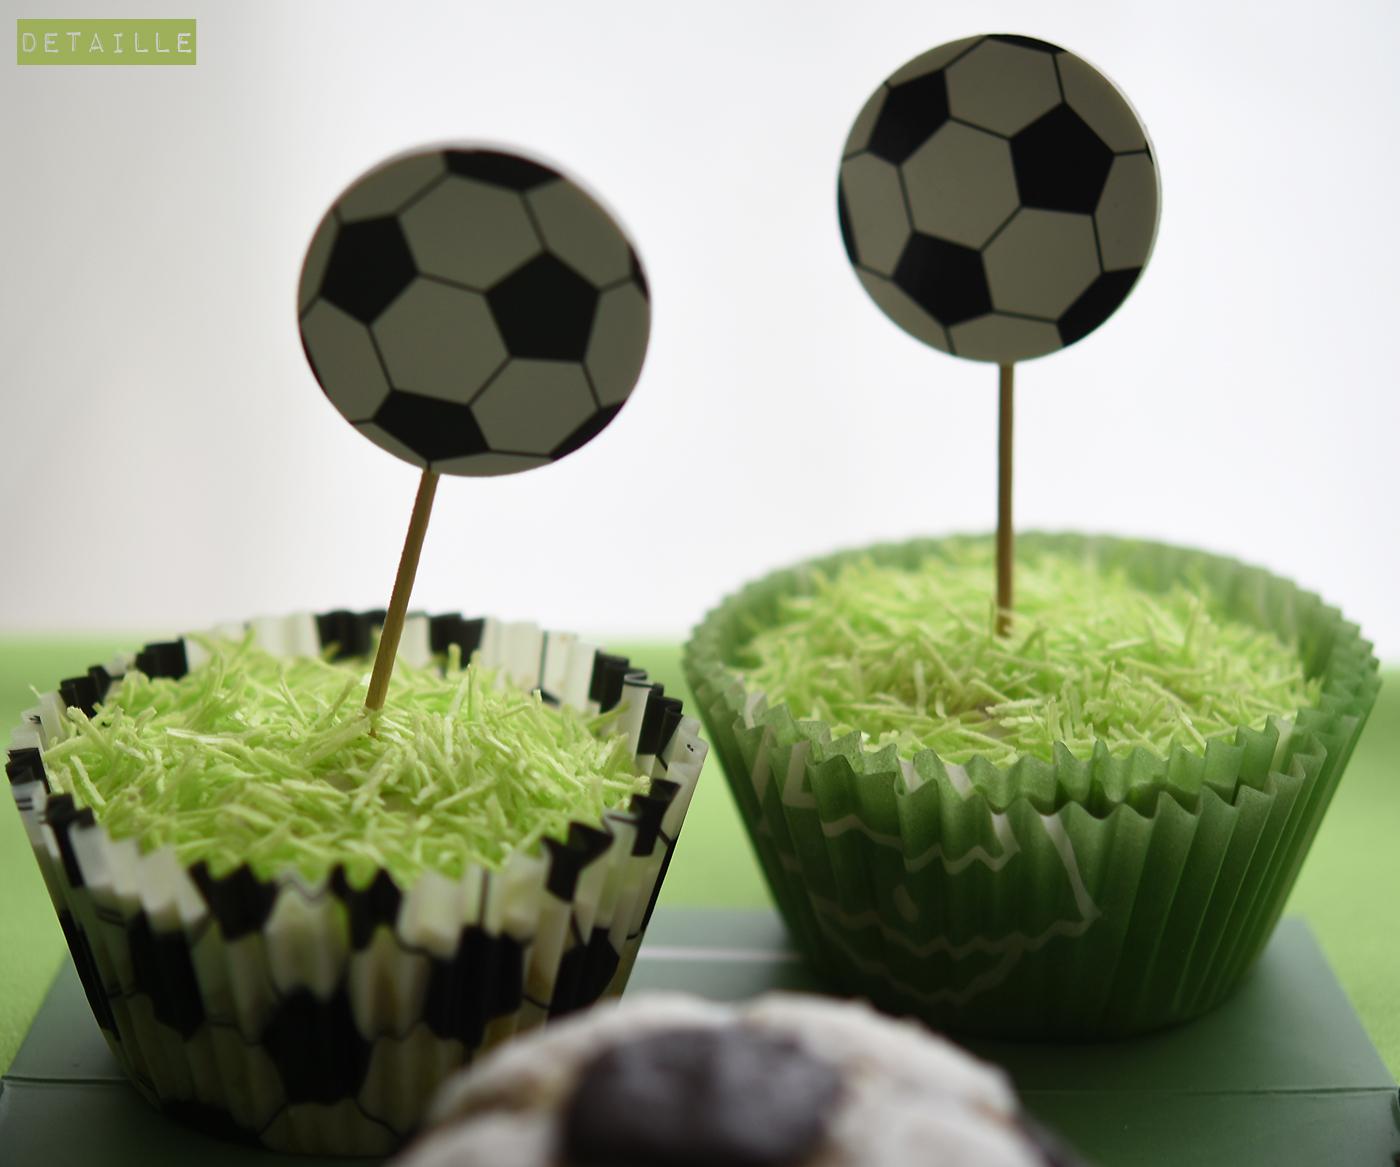 Mini Fussball Kuchen Und Rasen Muffins Zur Em Detaille